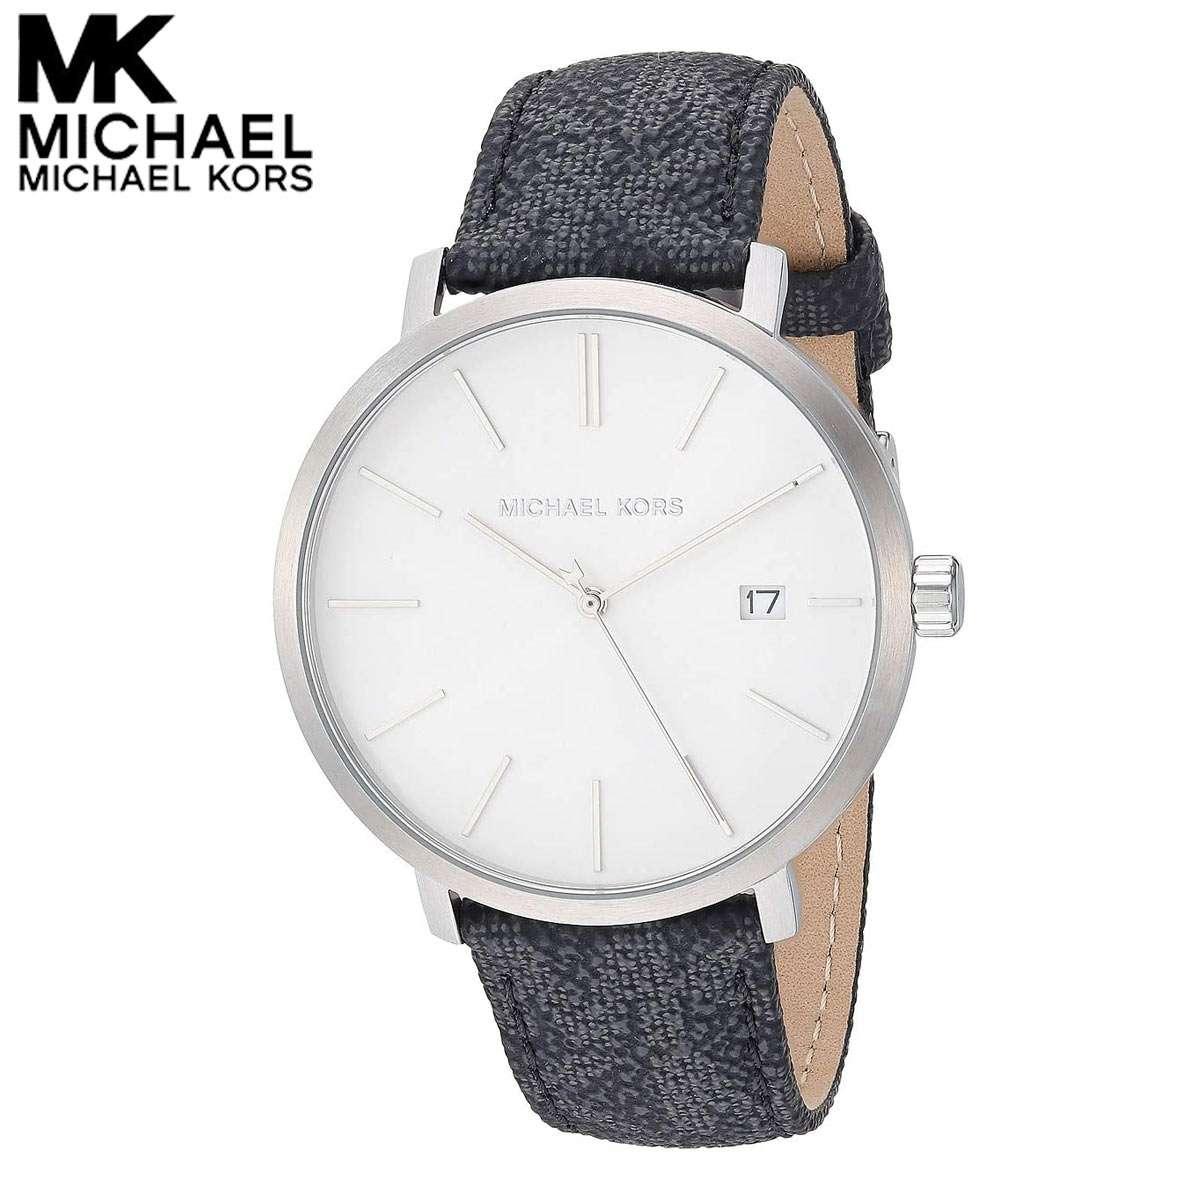 マイケルコース Blake おしゃれ ブランド 腕時計 レディース ブレイク Michael Kors 時計